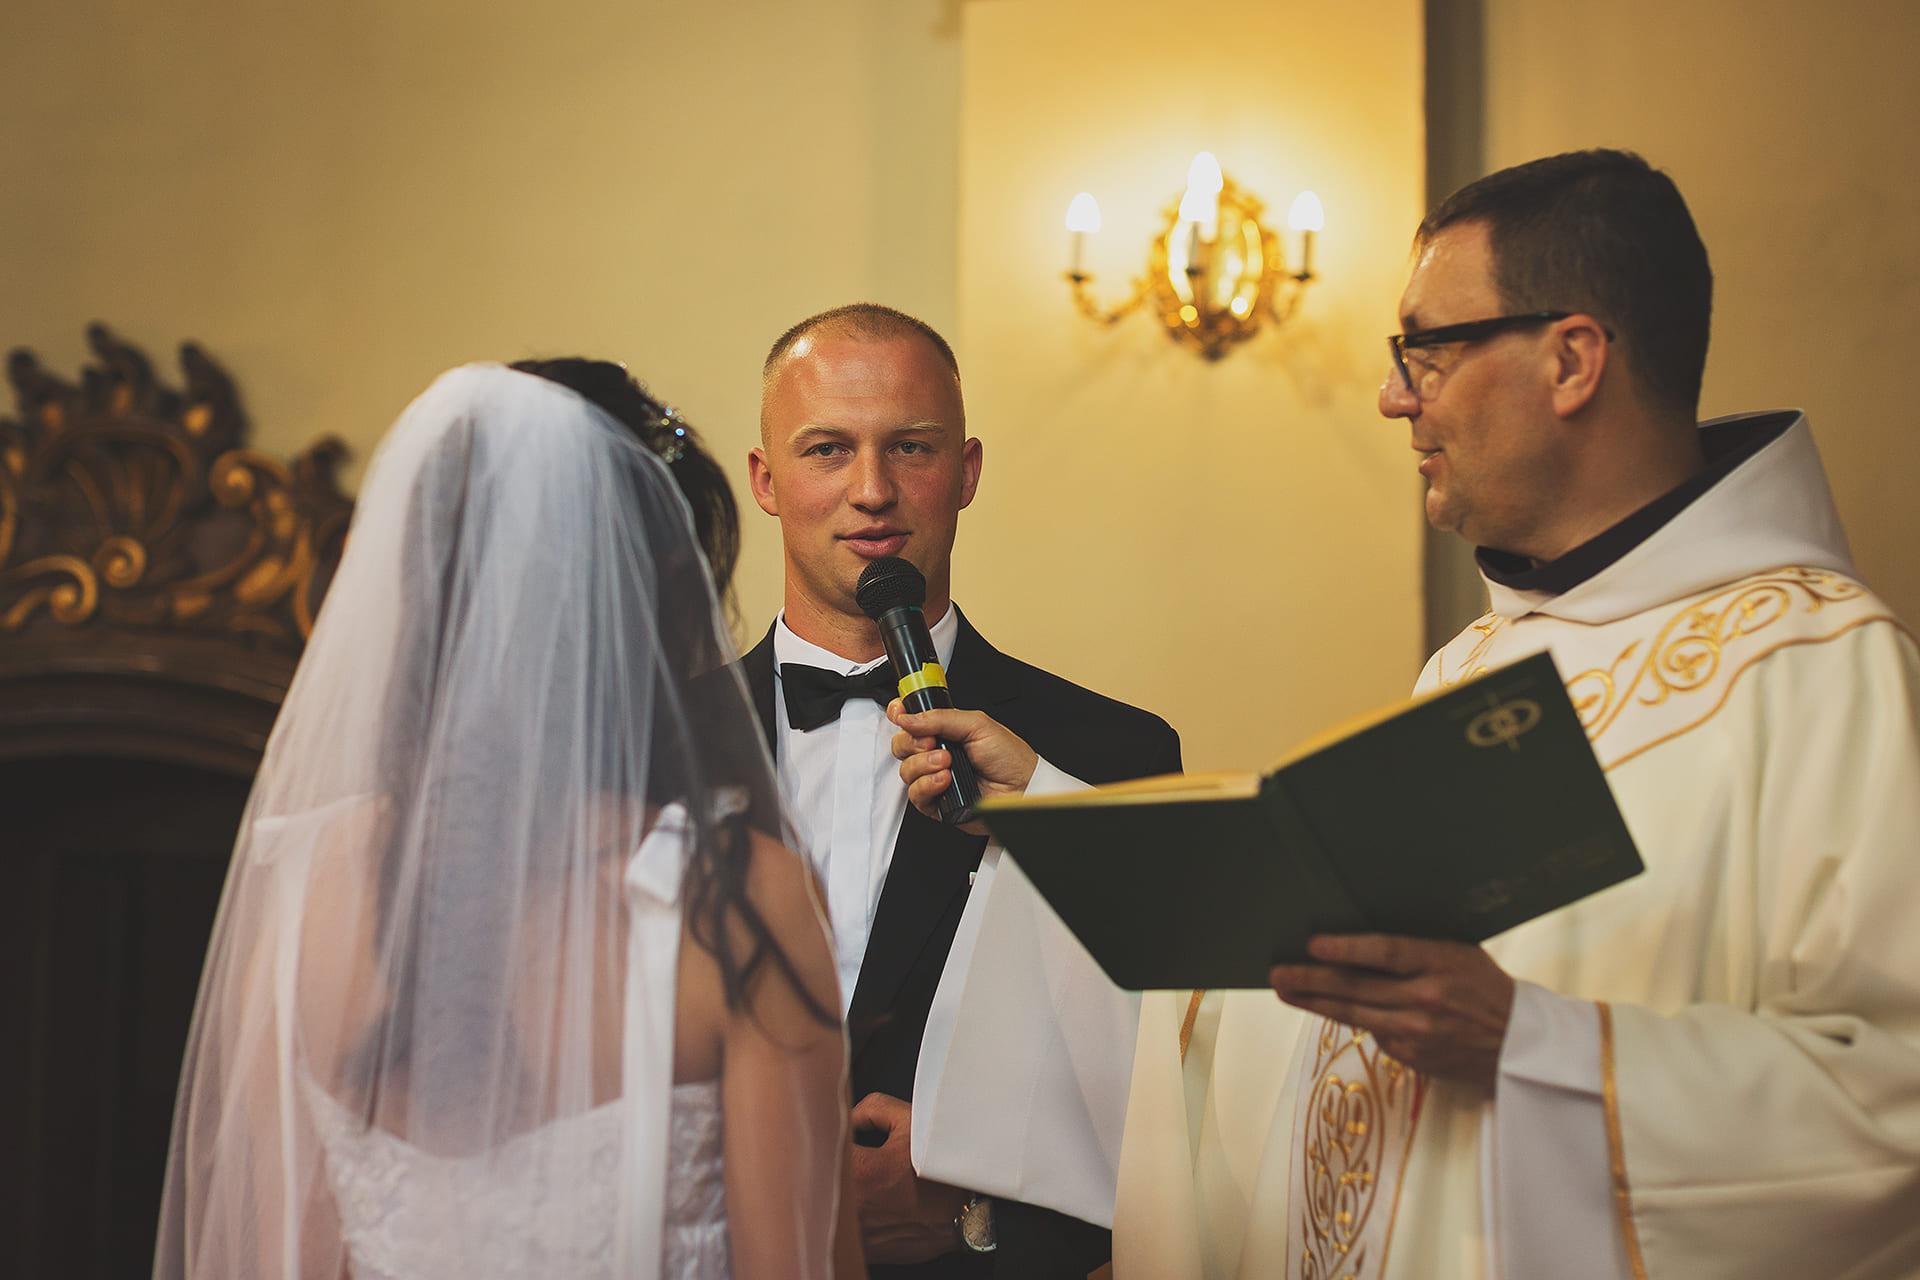 Przysięga małżeńska pana młodego